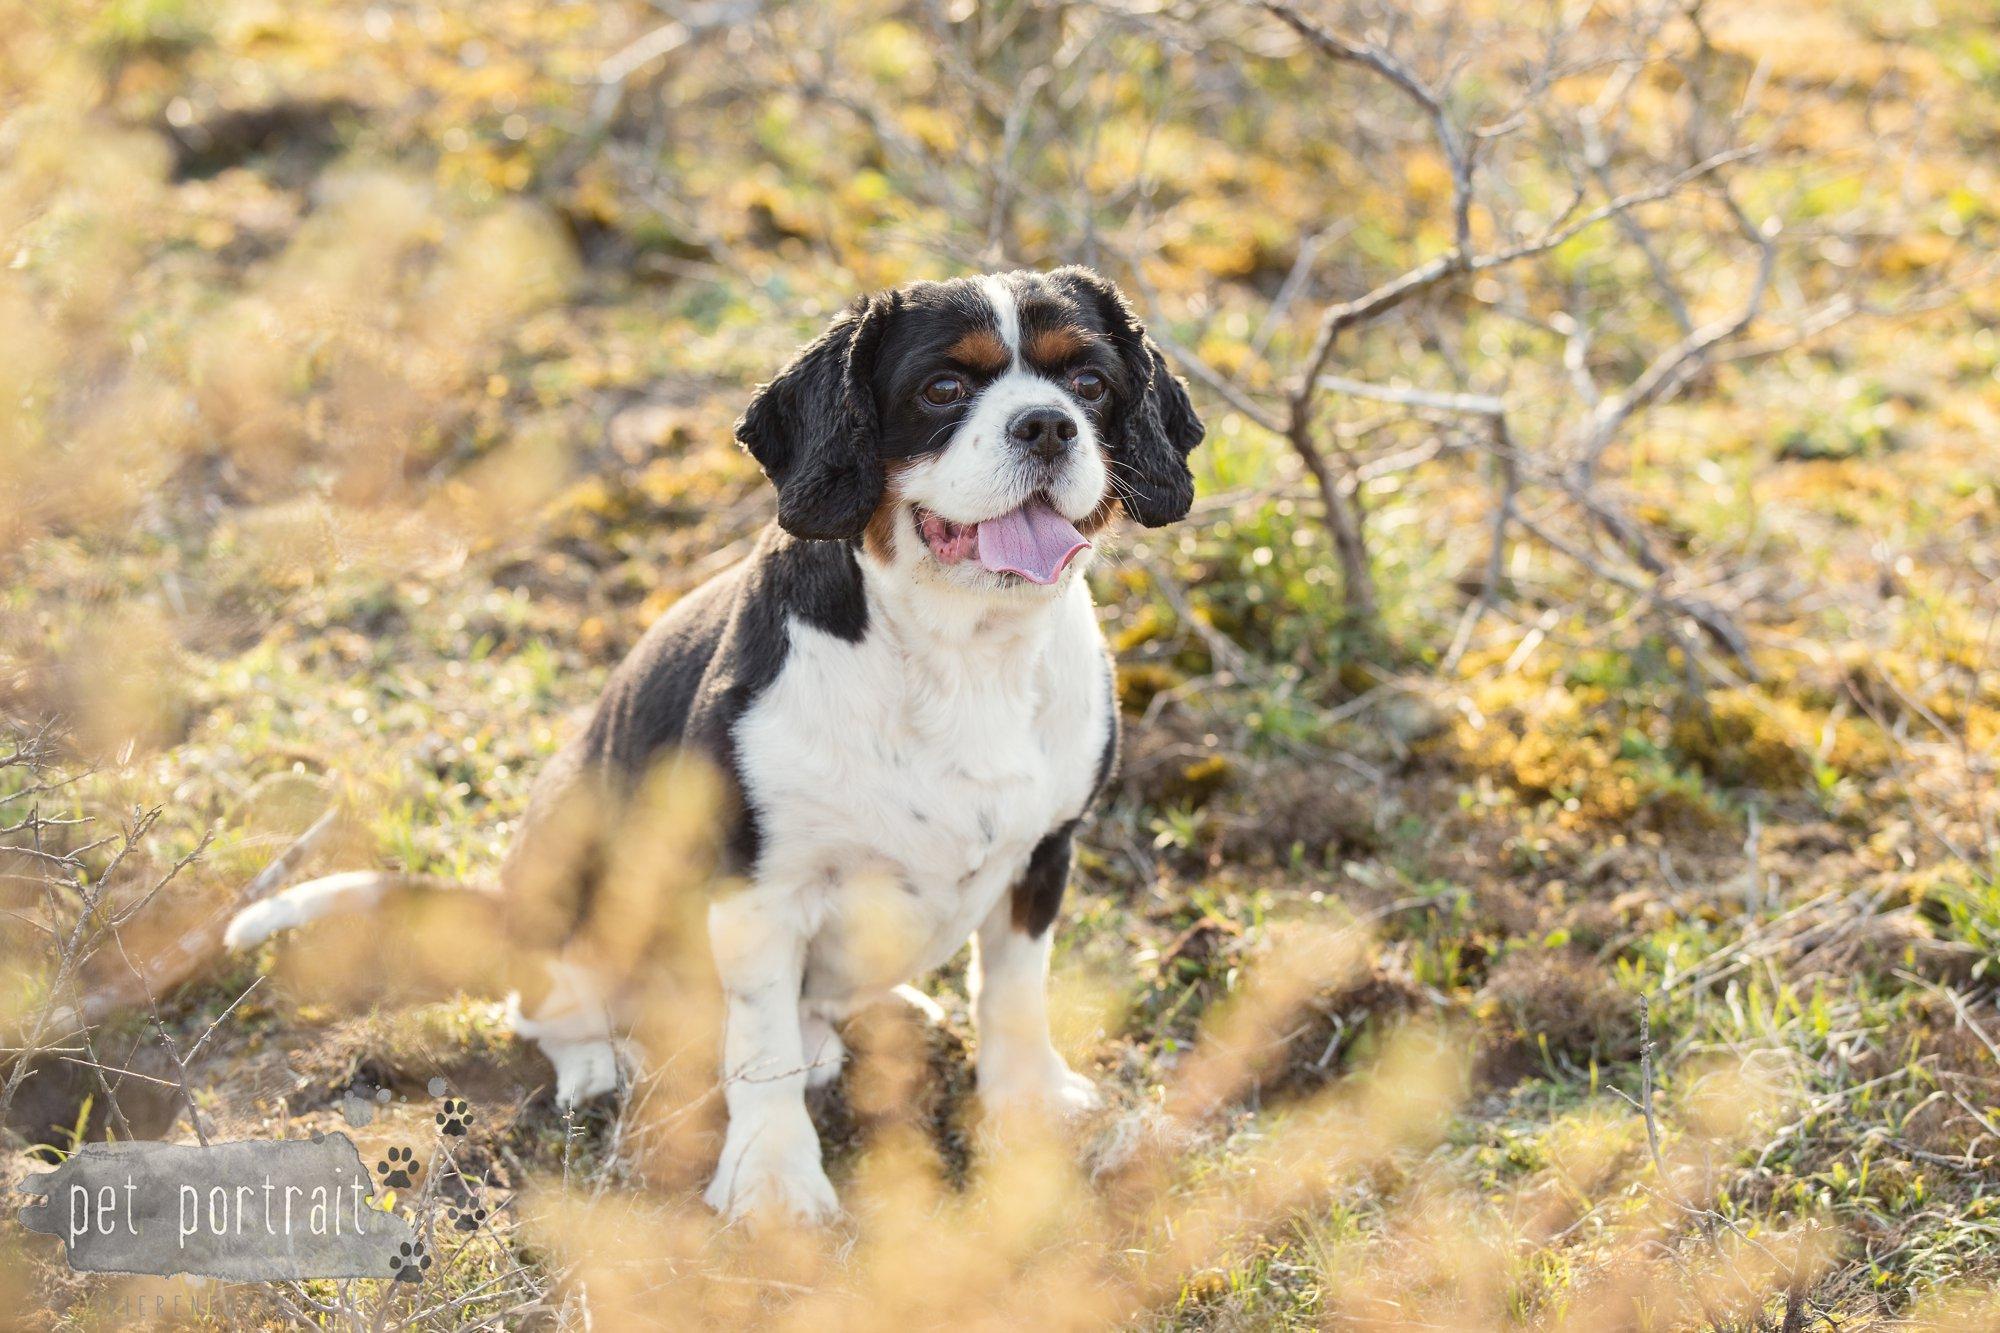 Hondenfotograaf Wassenaar - Cavalier King Charles Spaniel Pepper-10